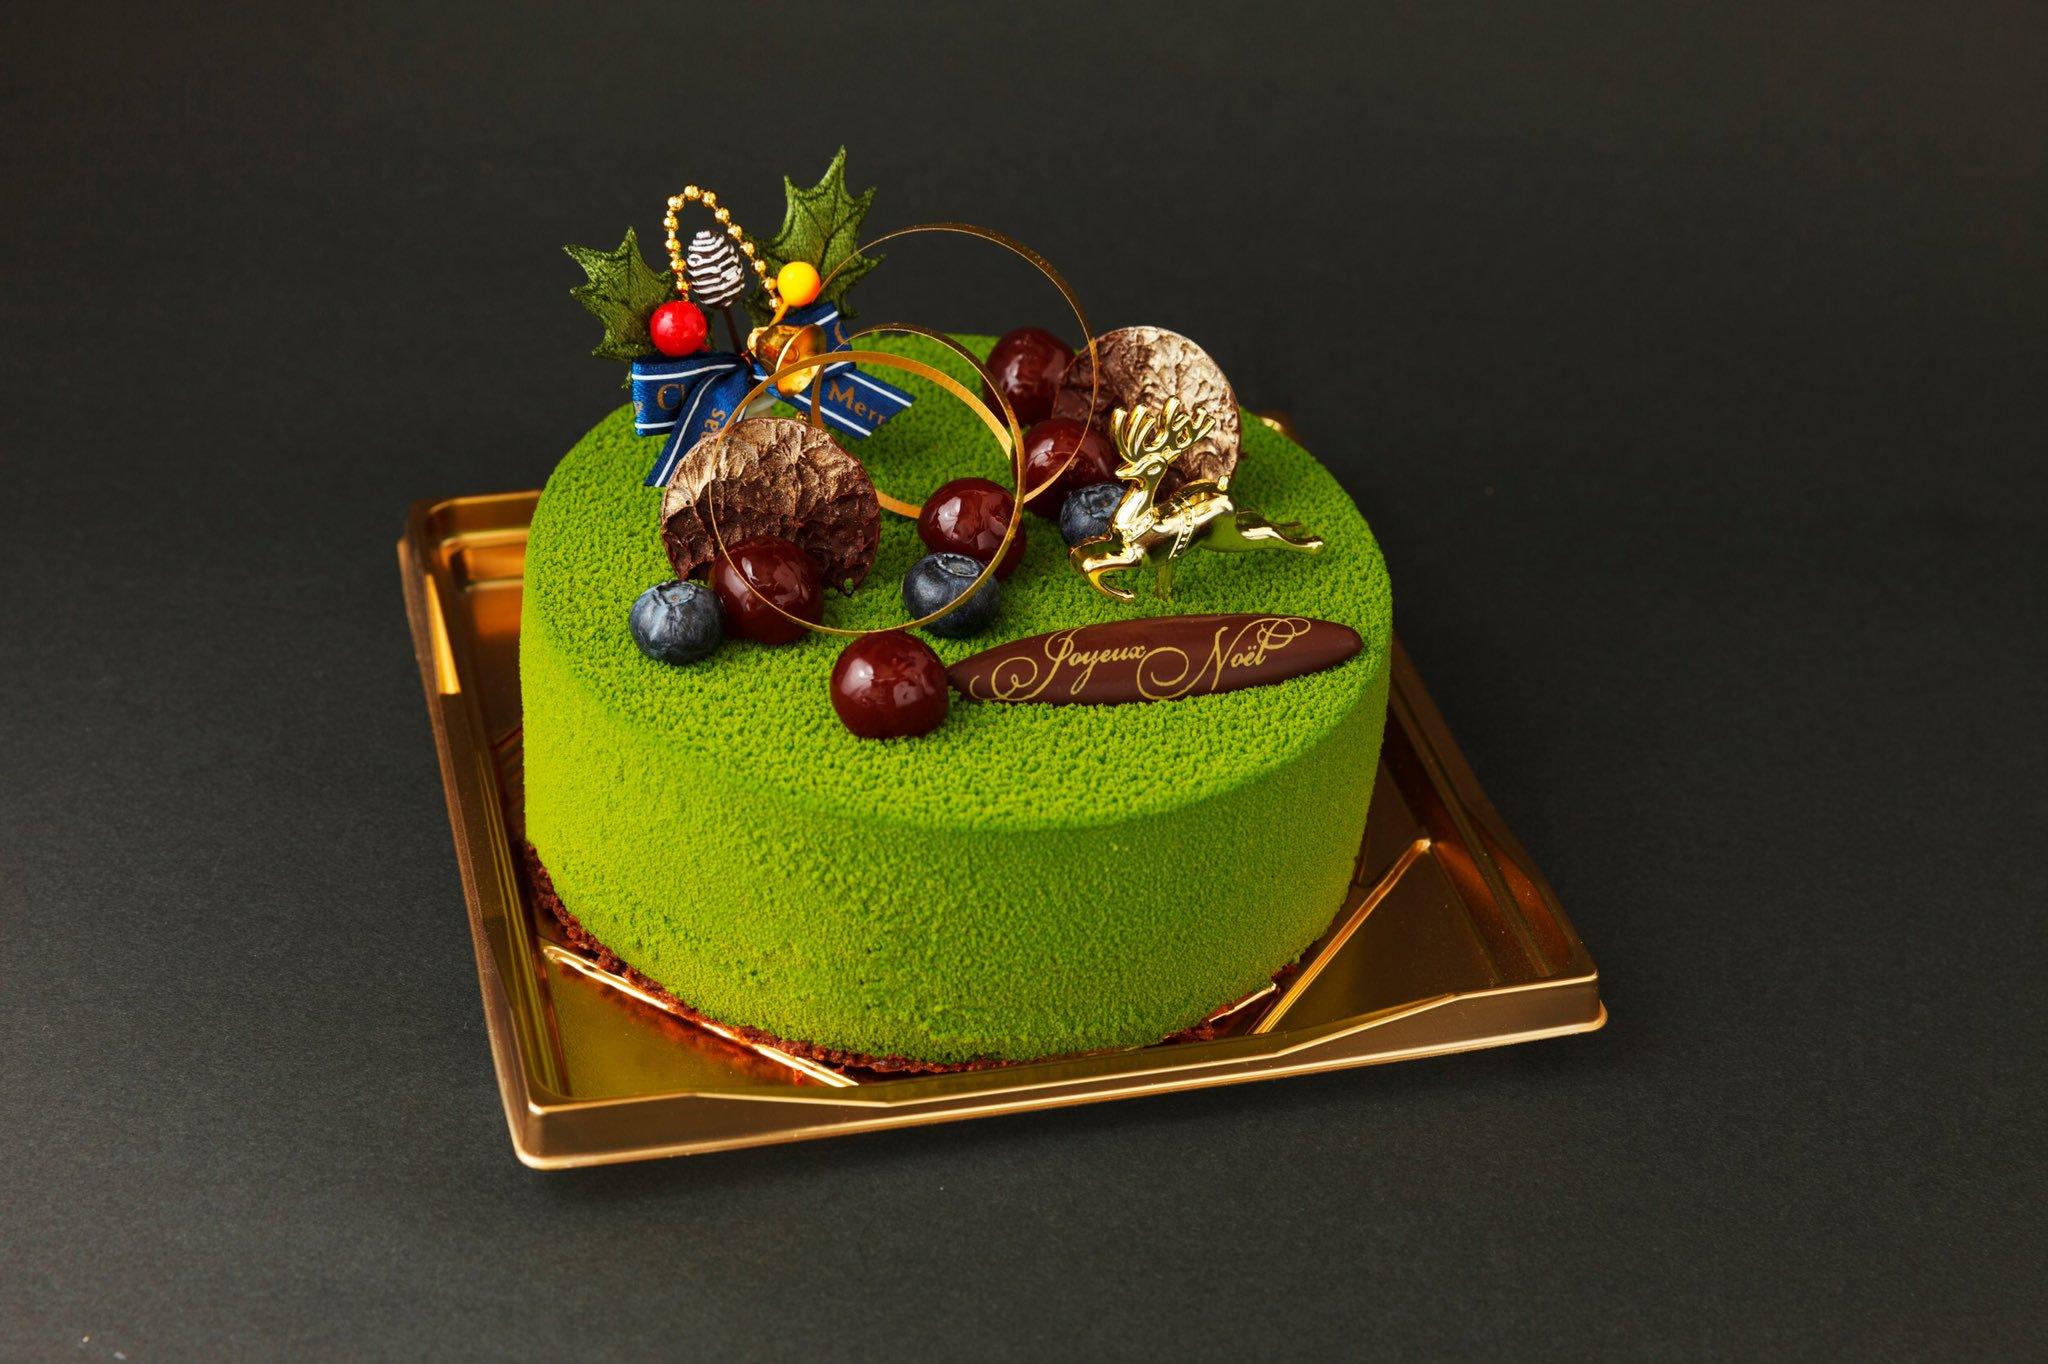 今年は「緑のクリスマスケーキ」はいかが? スイーツ激戦区・恵比寿の人気パティスリー